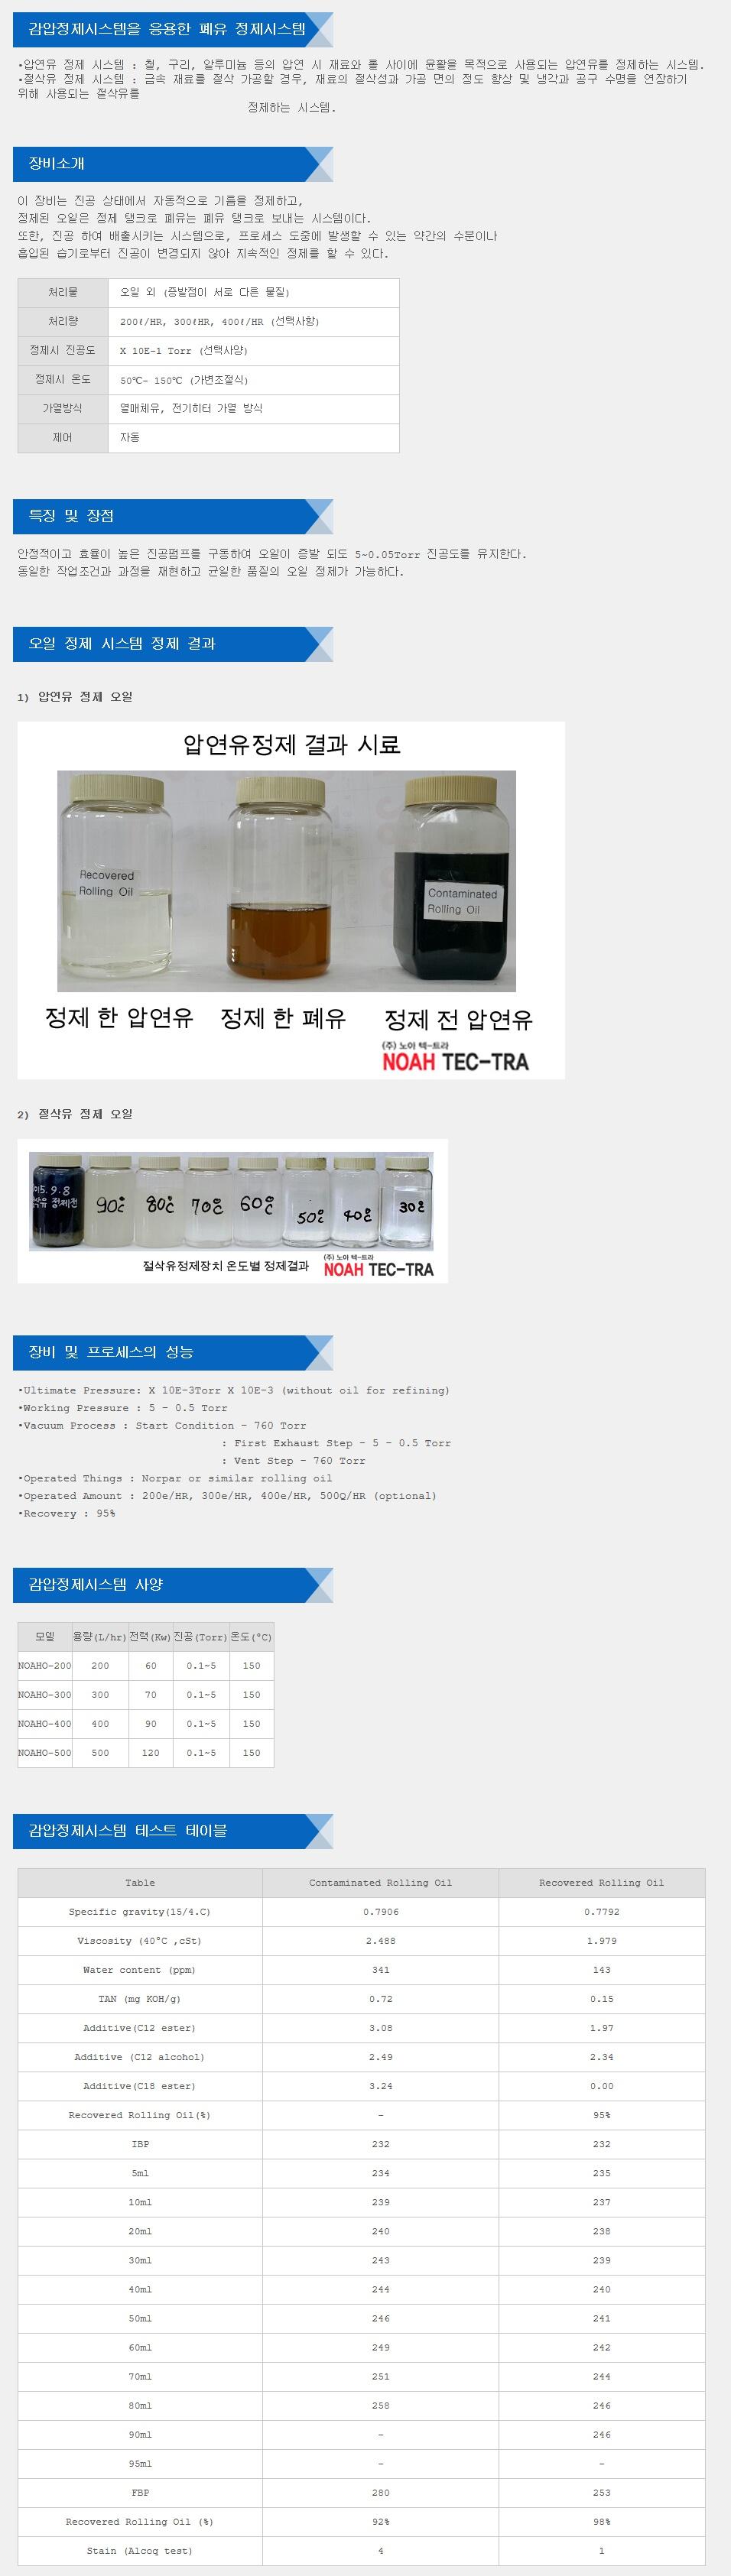 (주)노아텍-트라 감압정제시스템 NOAHO-Series 1